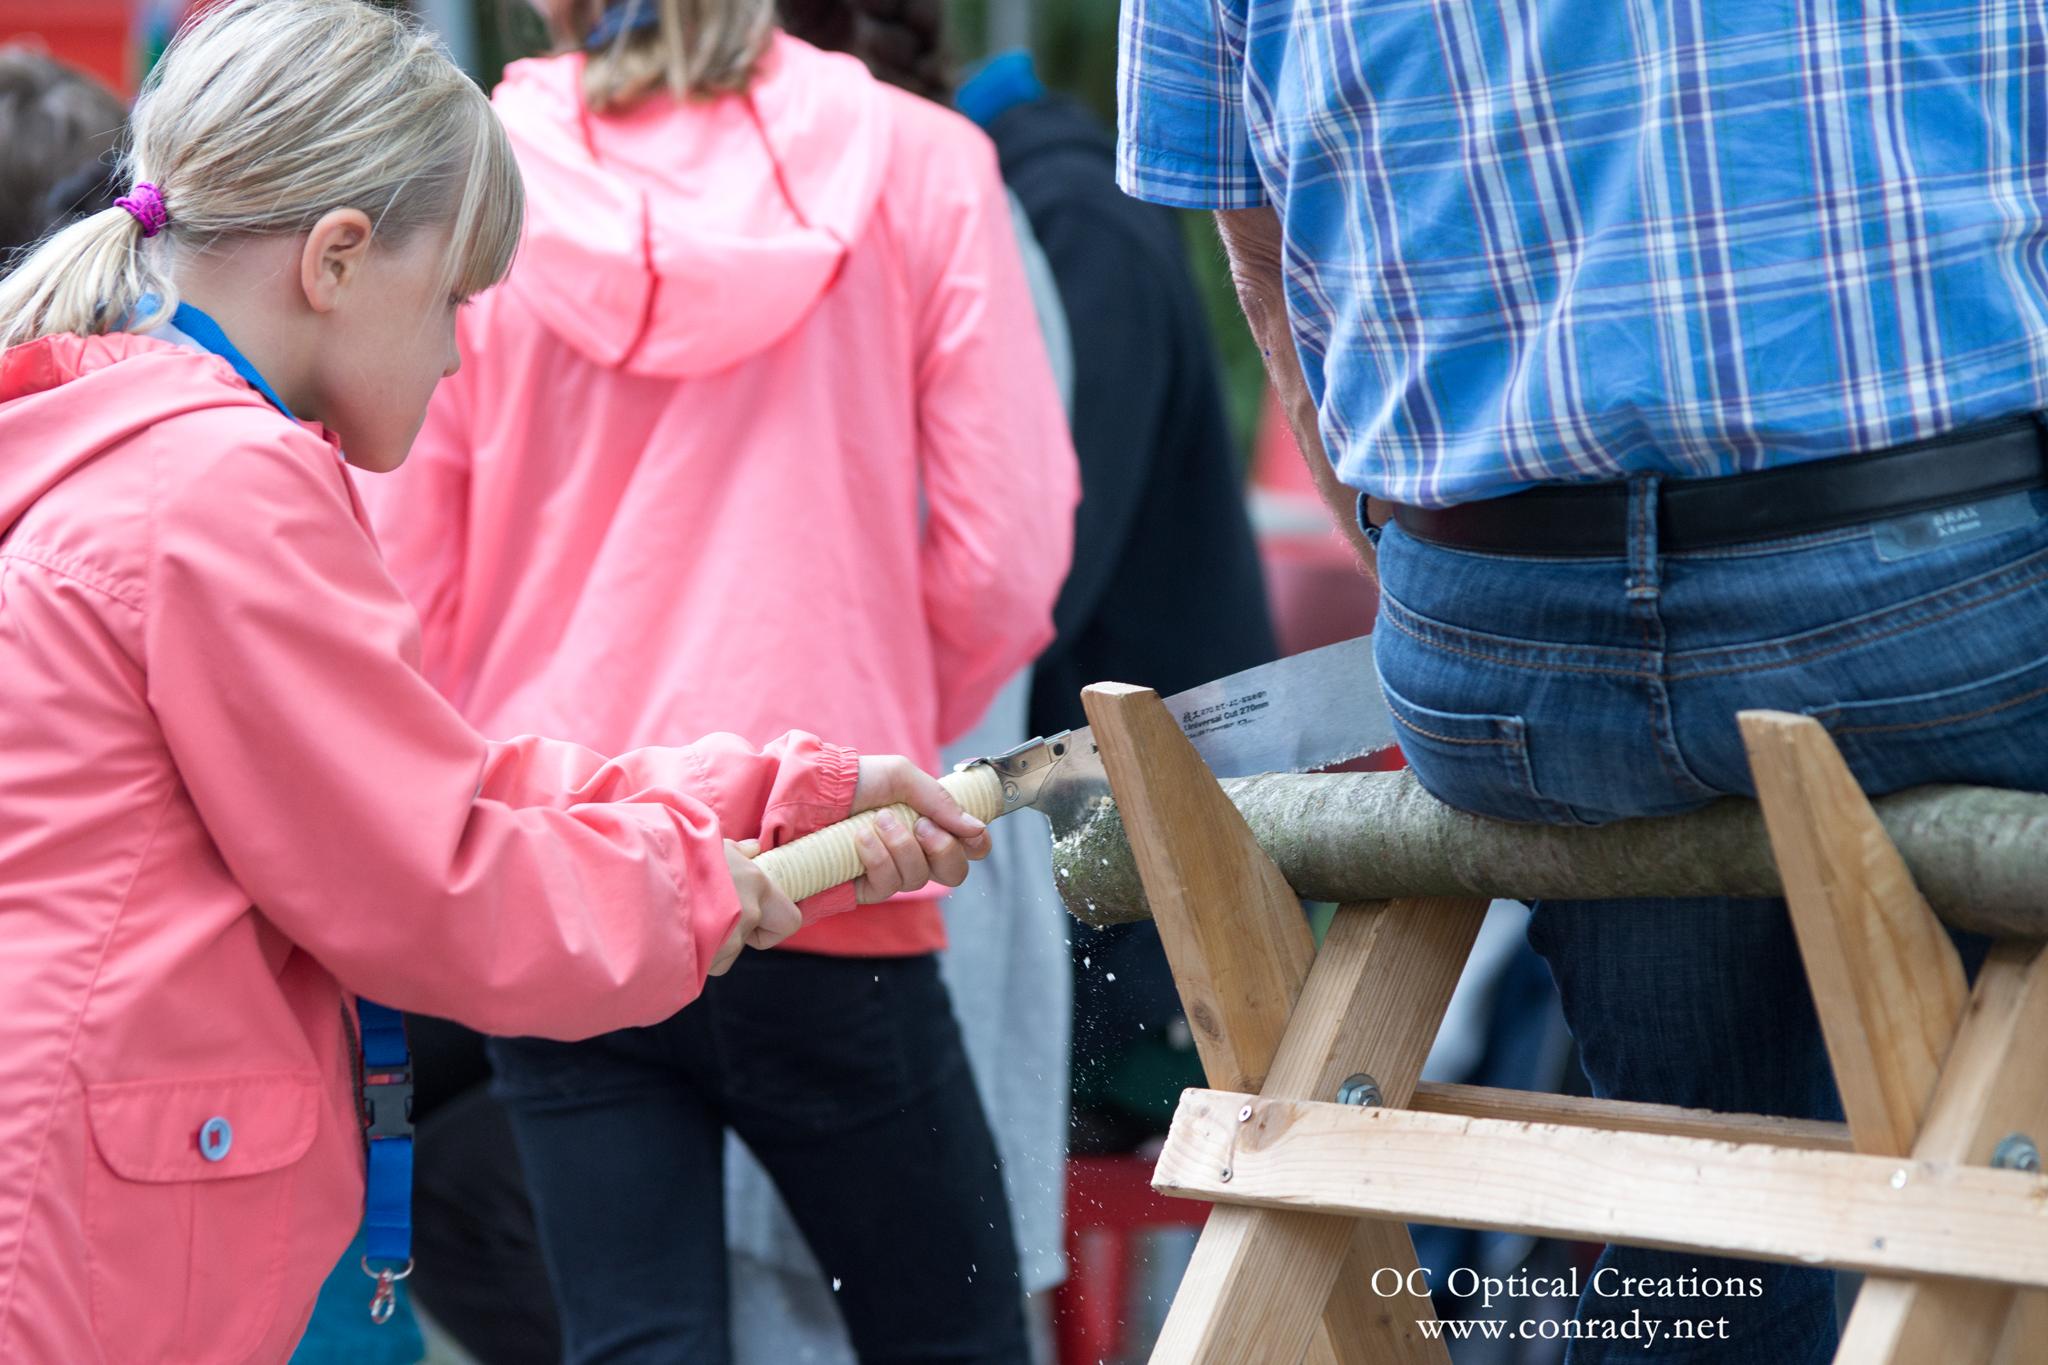 Ein Mädchen mit einer rosa Jacke sägt mit einer Säge eine Baumscheibe von einem Ast ab. Der Ast liegt auf einem Holzbock. Der Ast wird festgehalten indem ein Mann sich auf den Ast gesetzt hat.